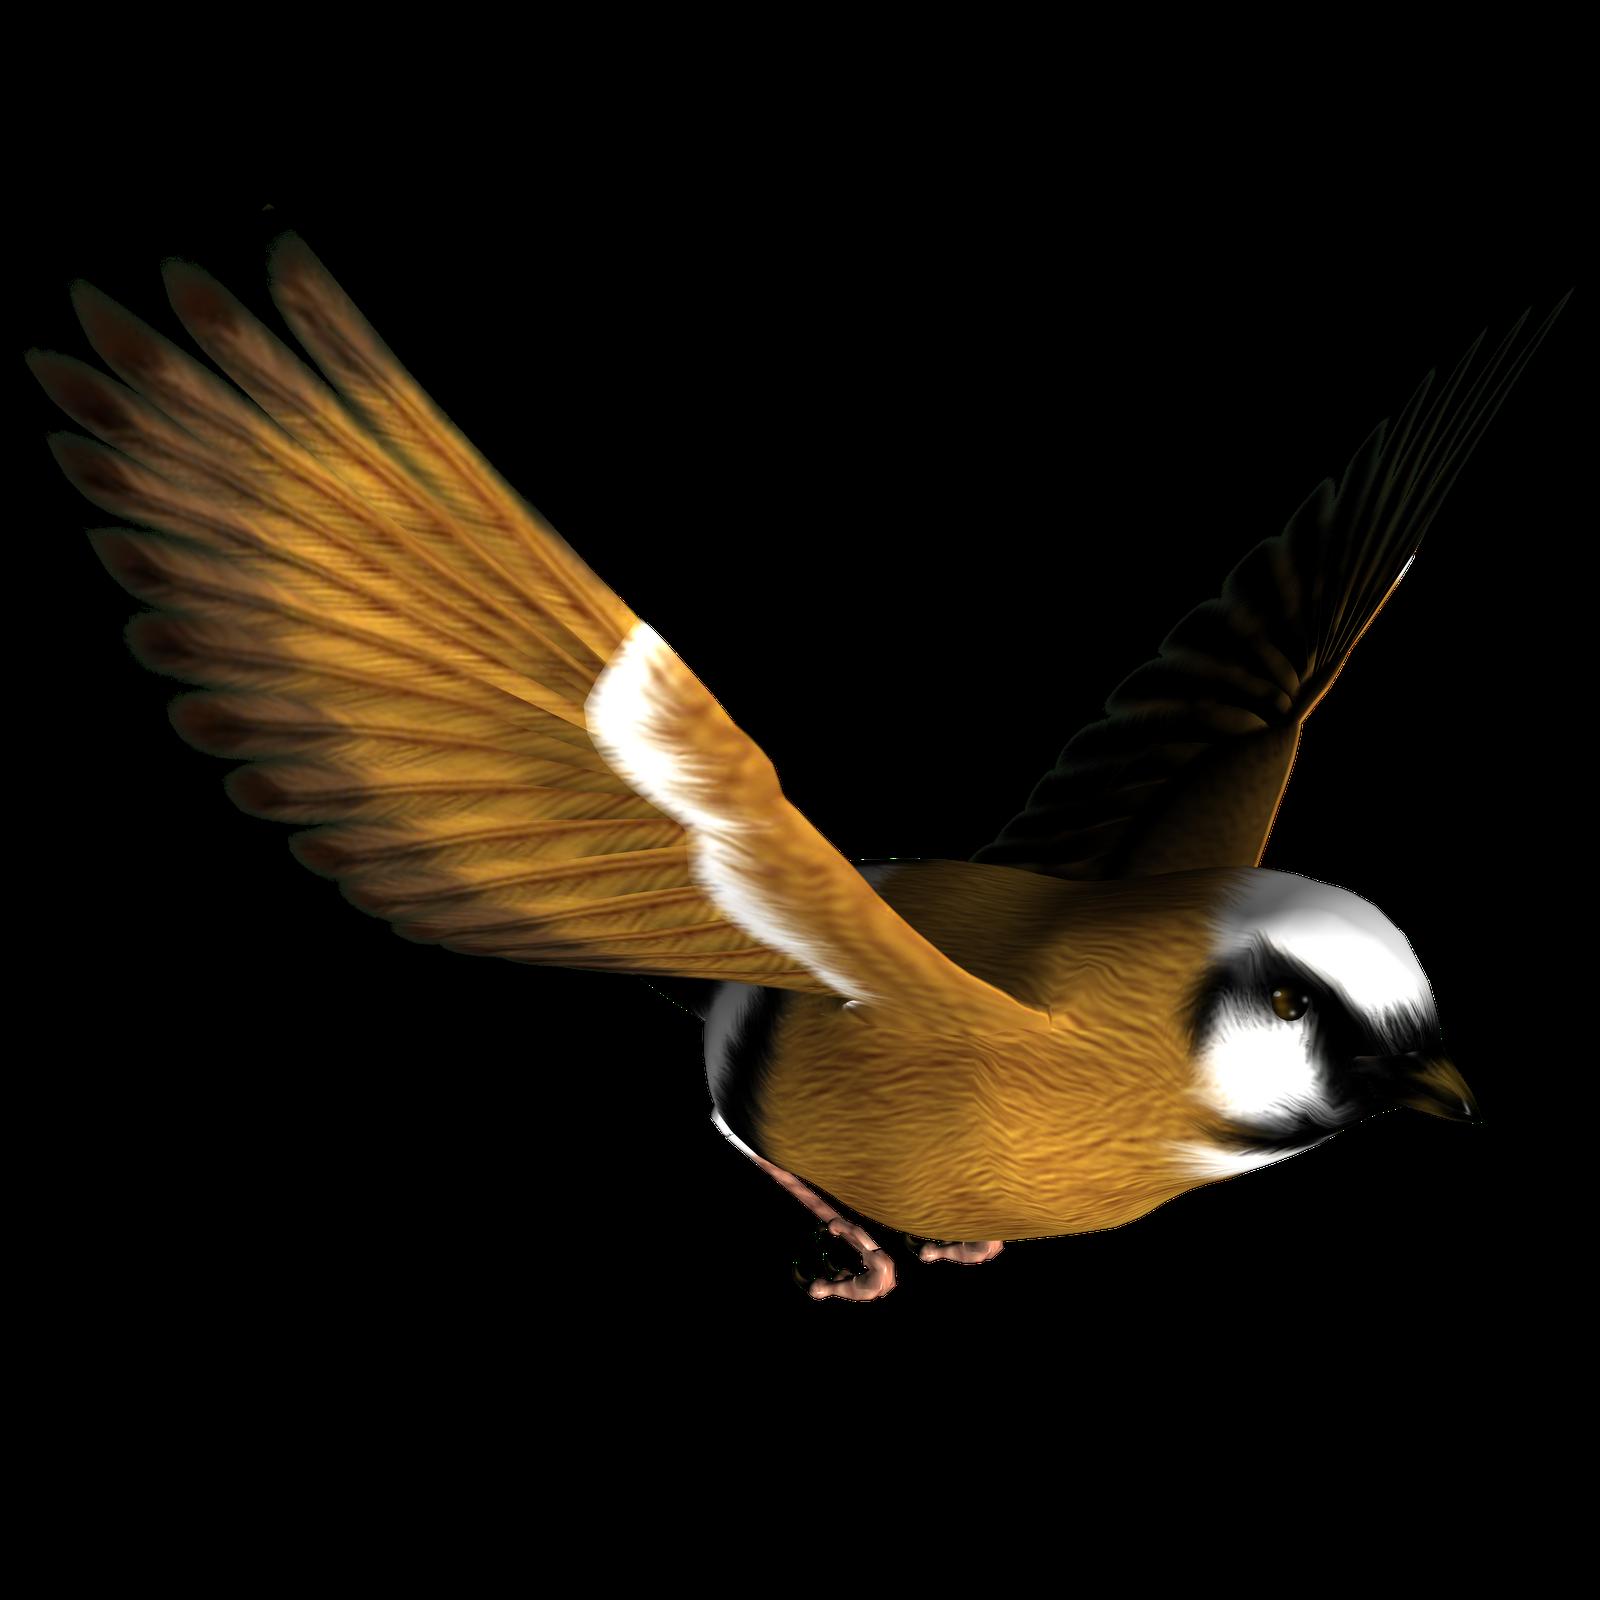 Bird Png.